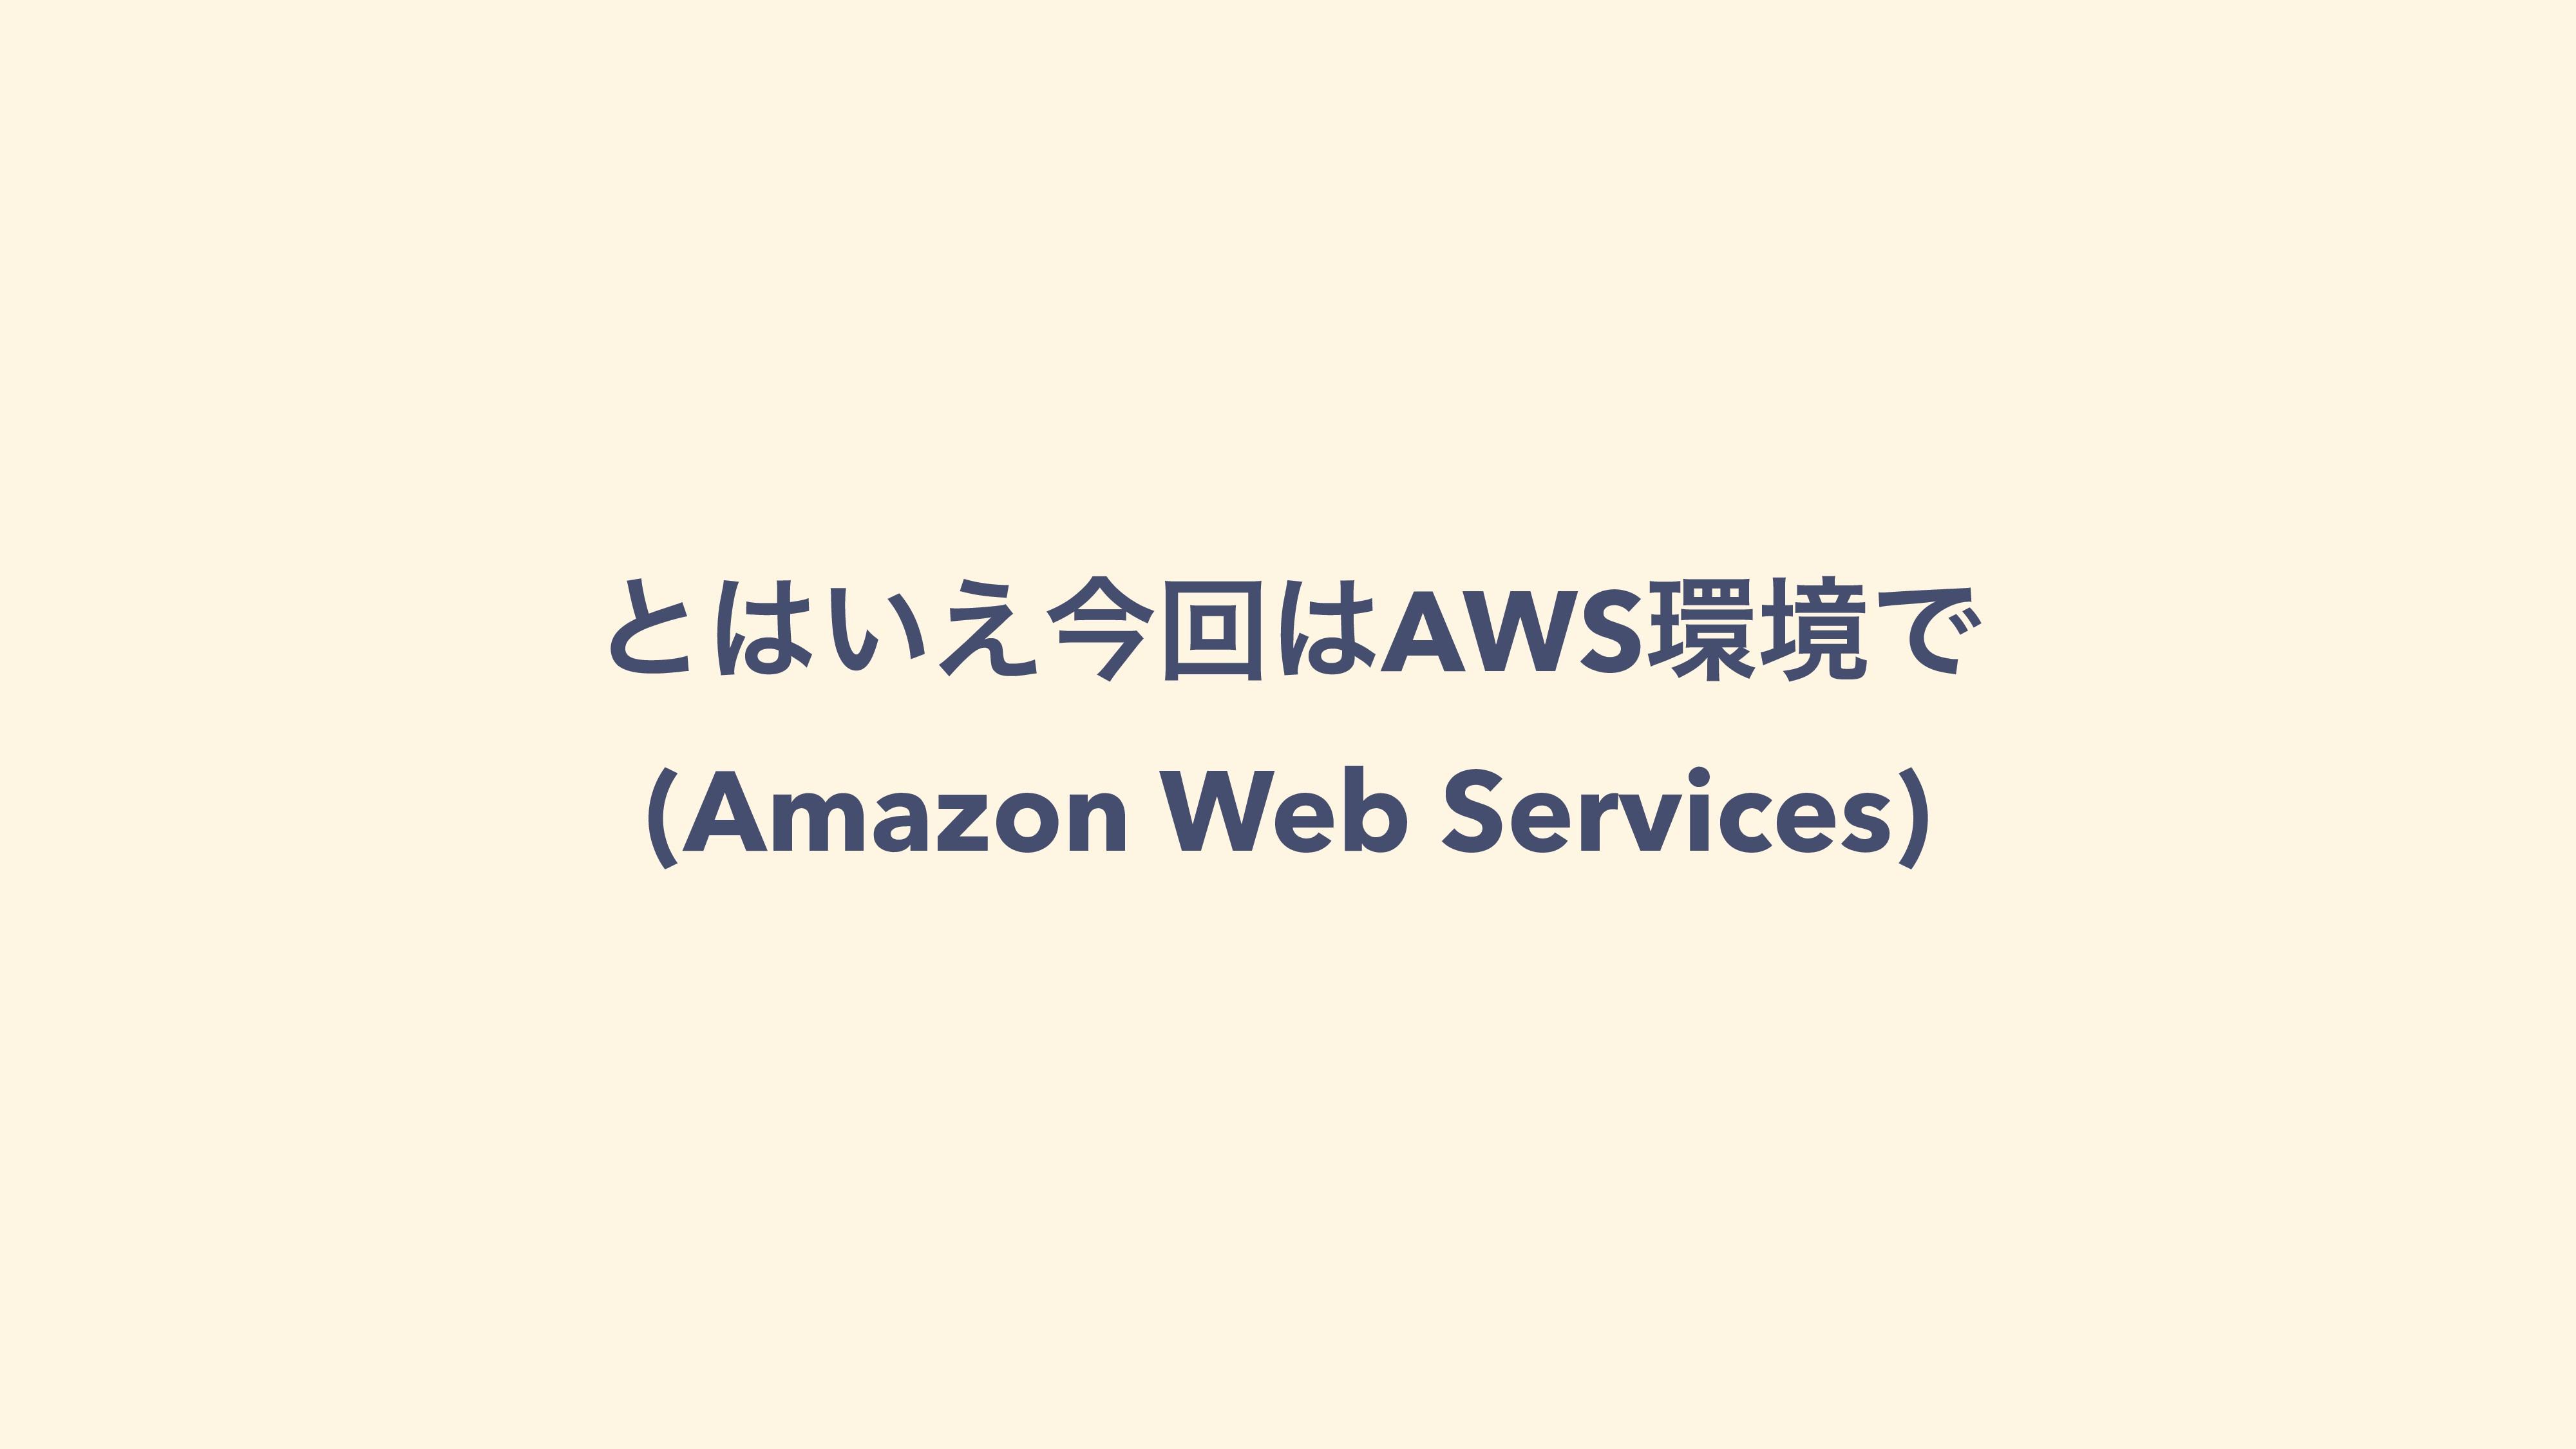 ͱ͍͑ࠓճAWSڥͰ (Amazon Web Services)